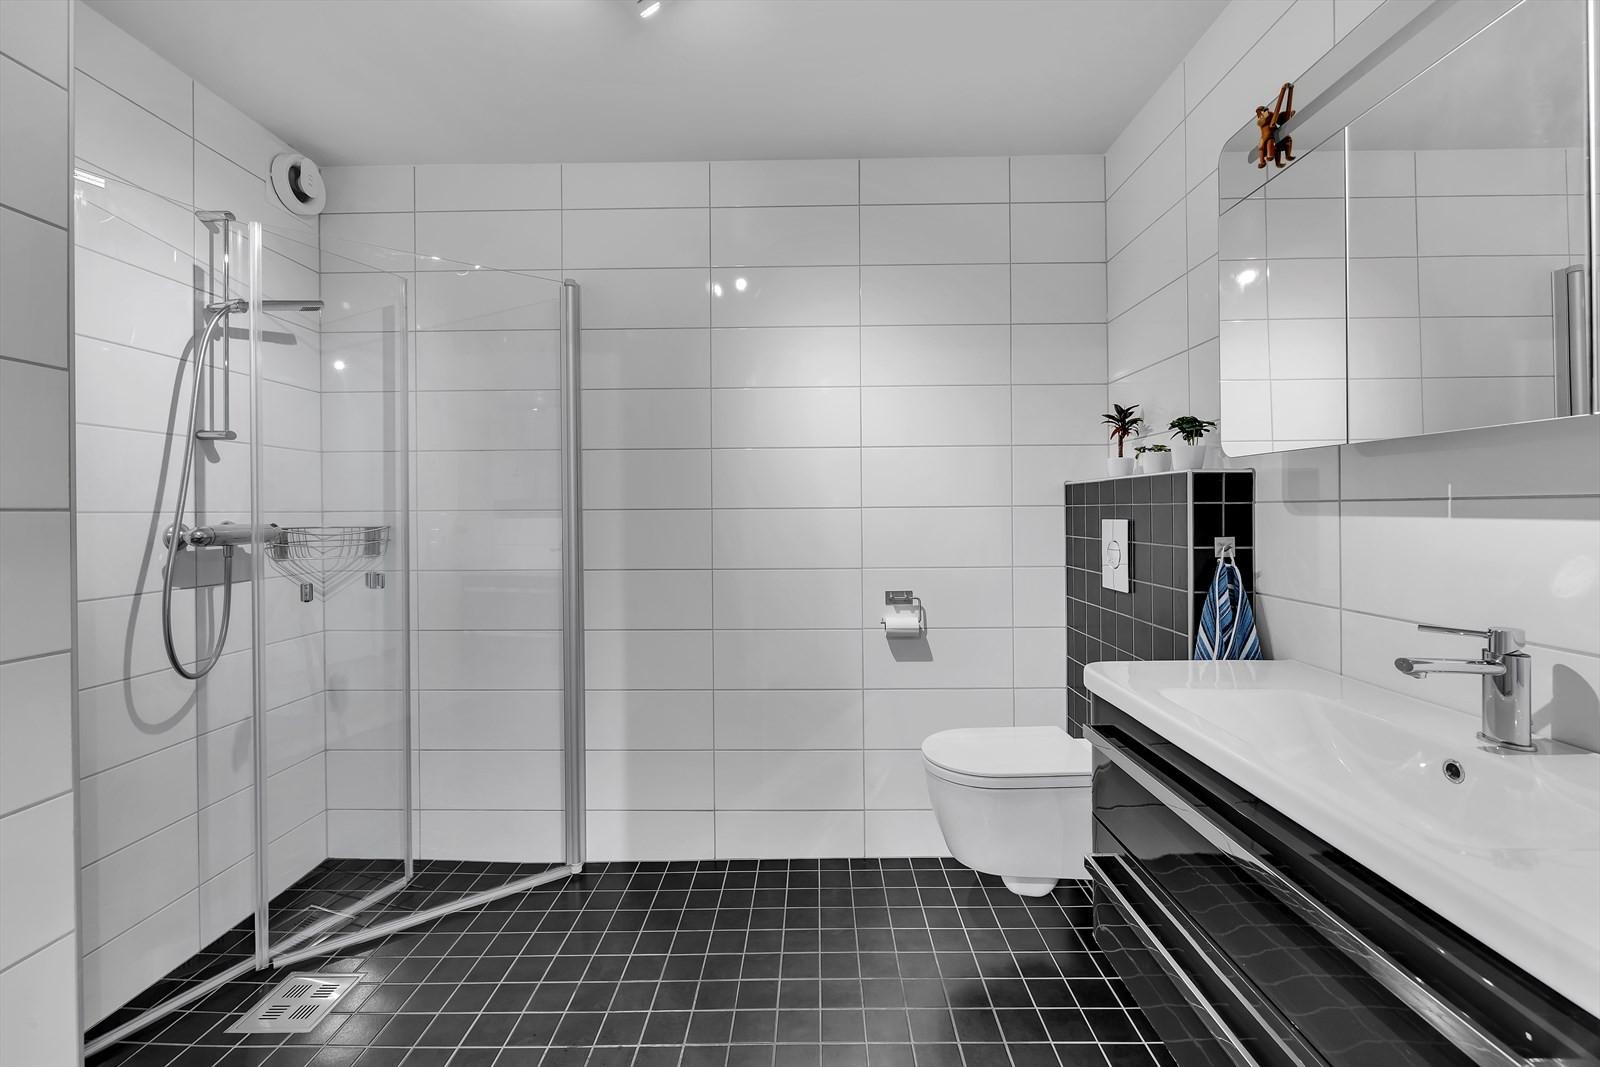 Flislagt bad med dusjhjørne og vegghengt wc. Moderne innredning.